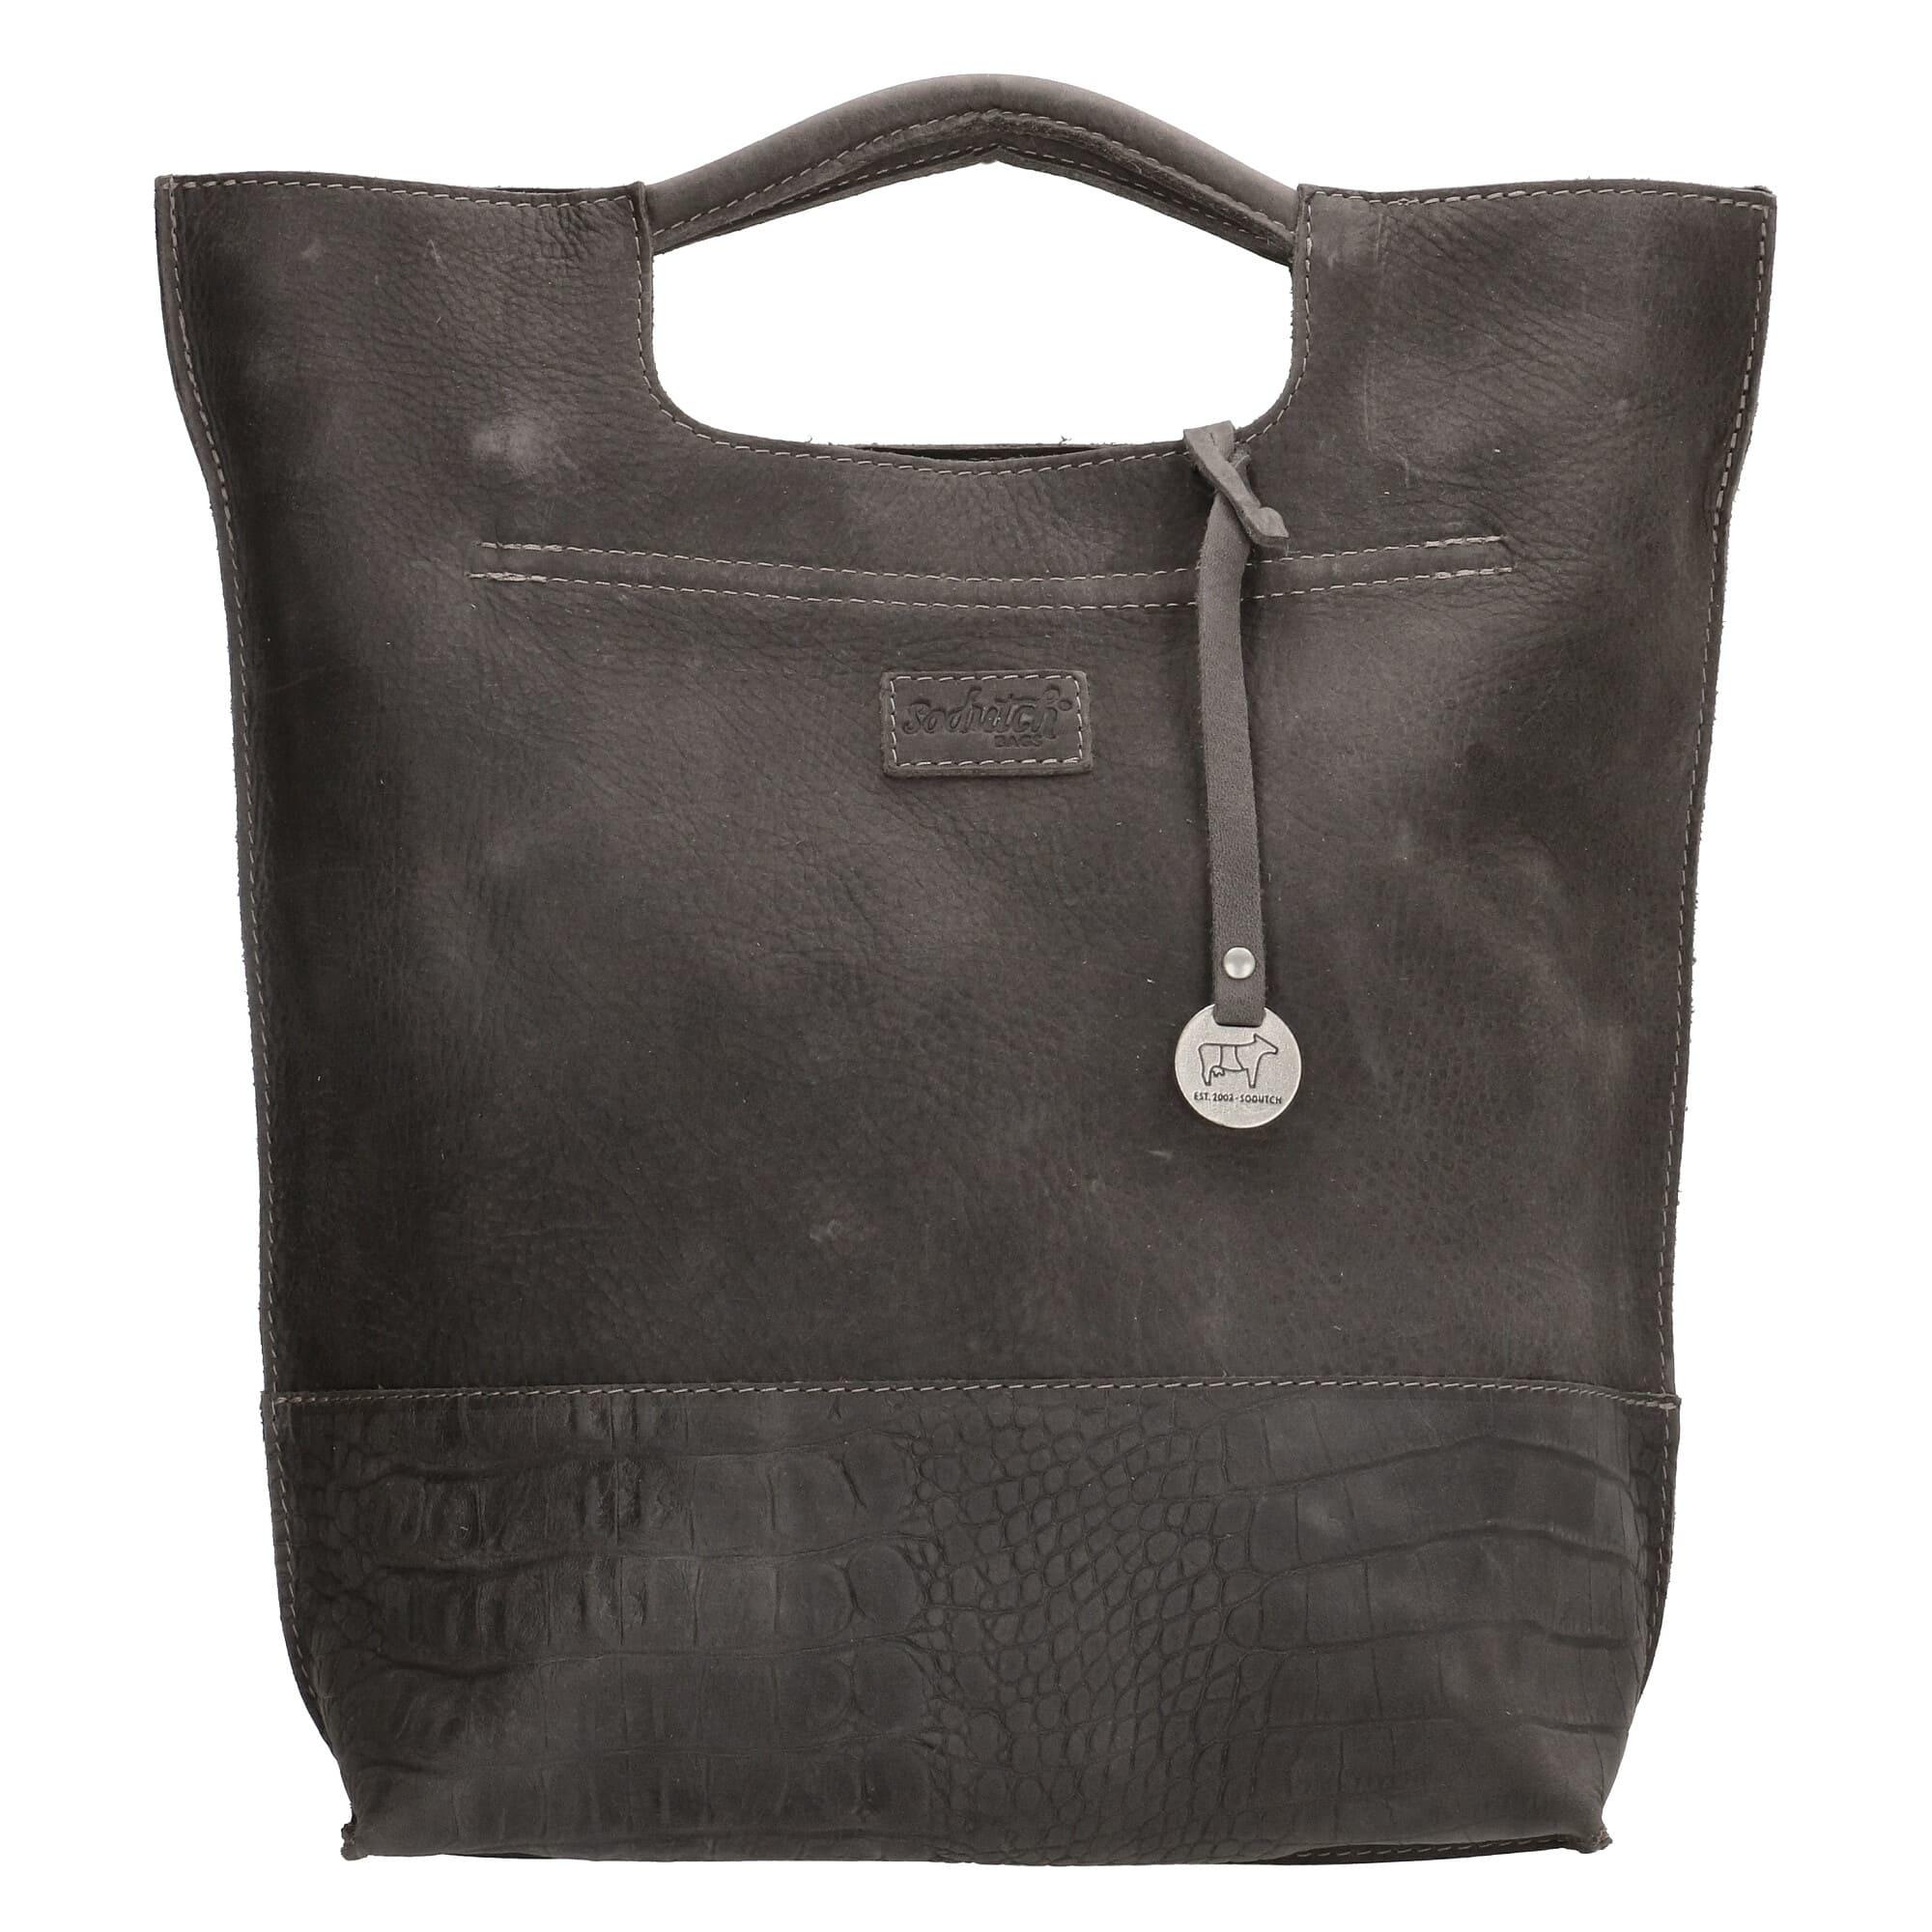 SoDutch Bags Handtas #08 Donker Grijs